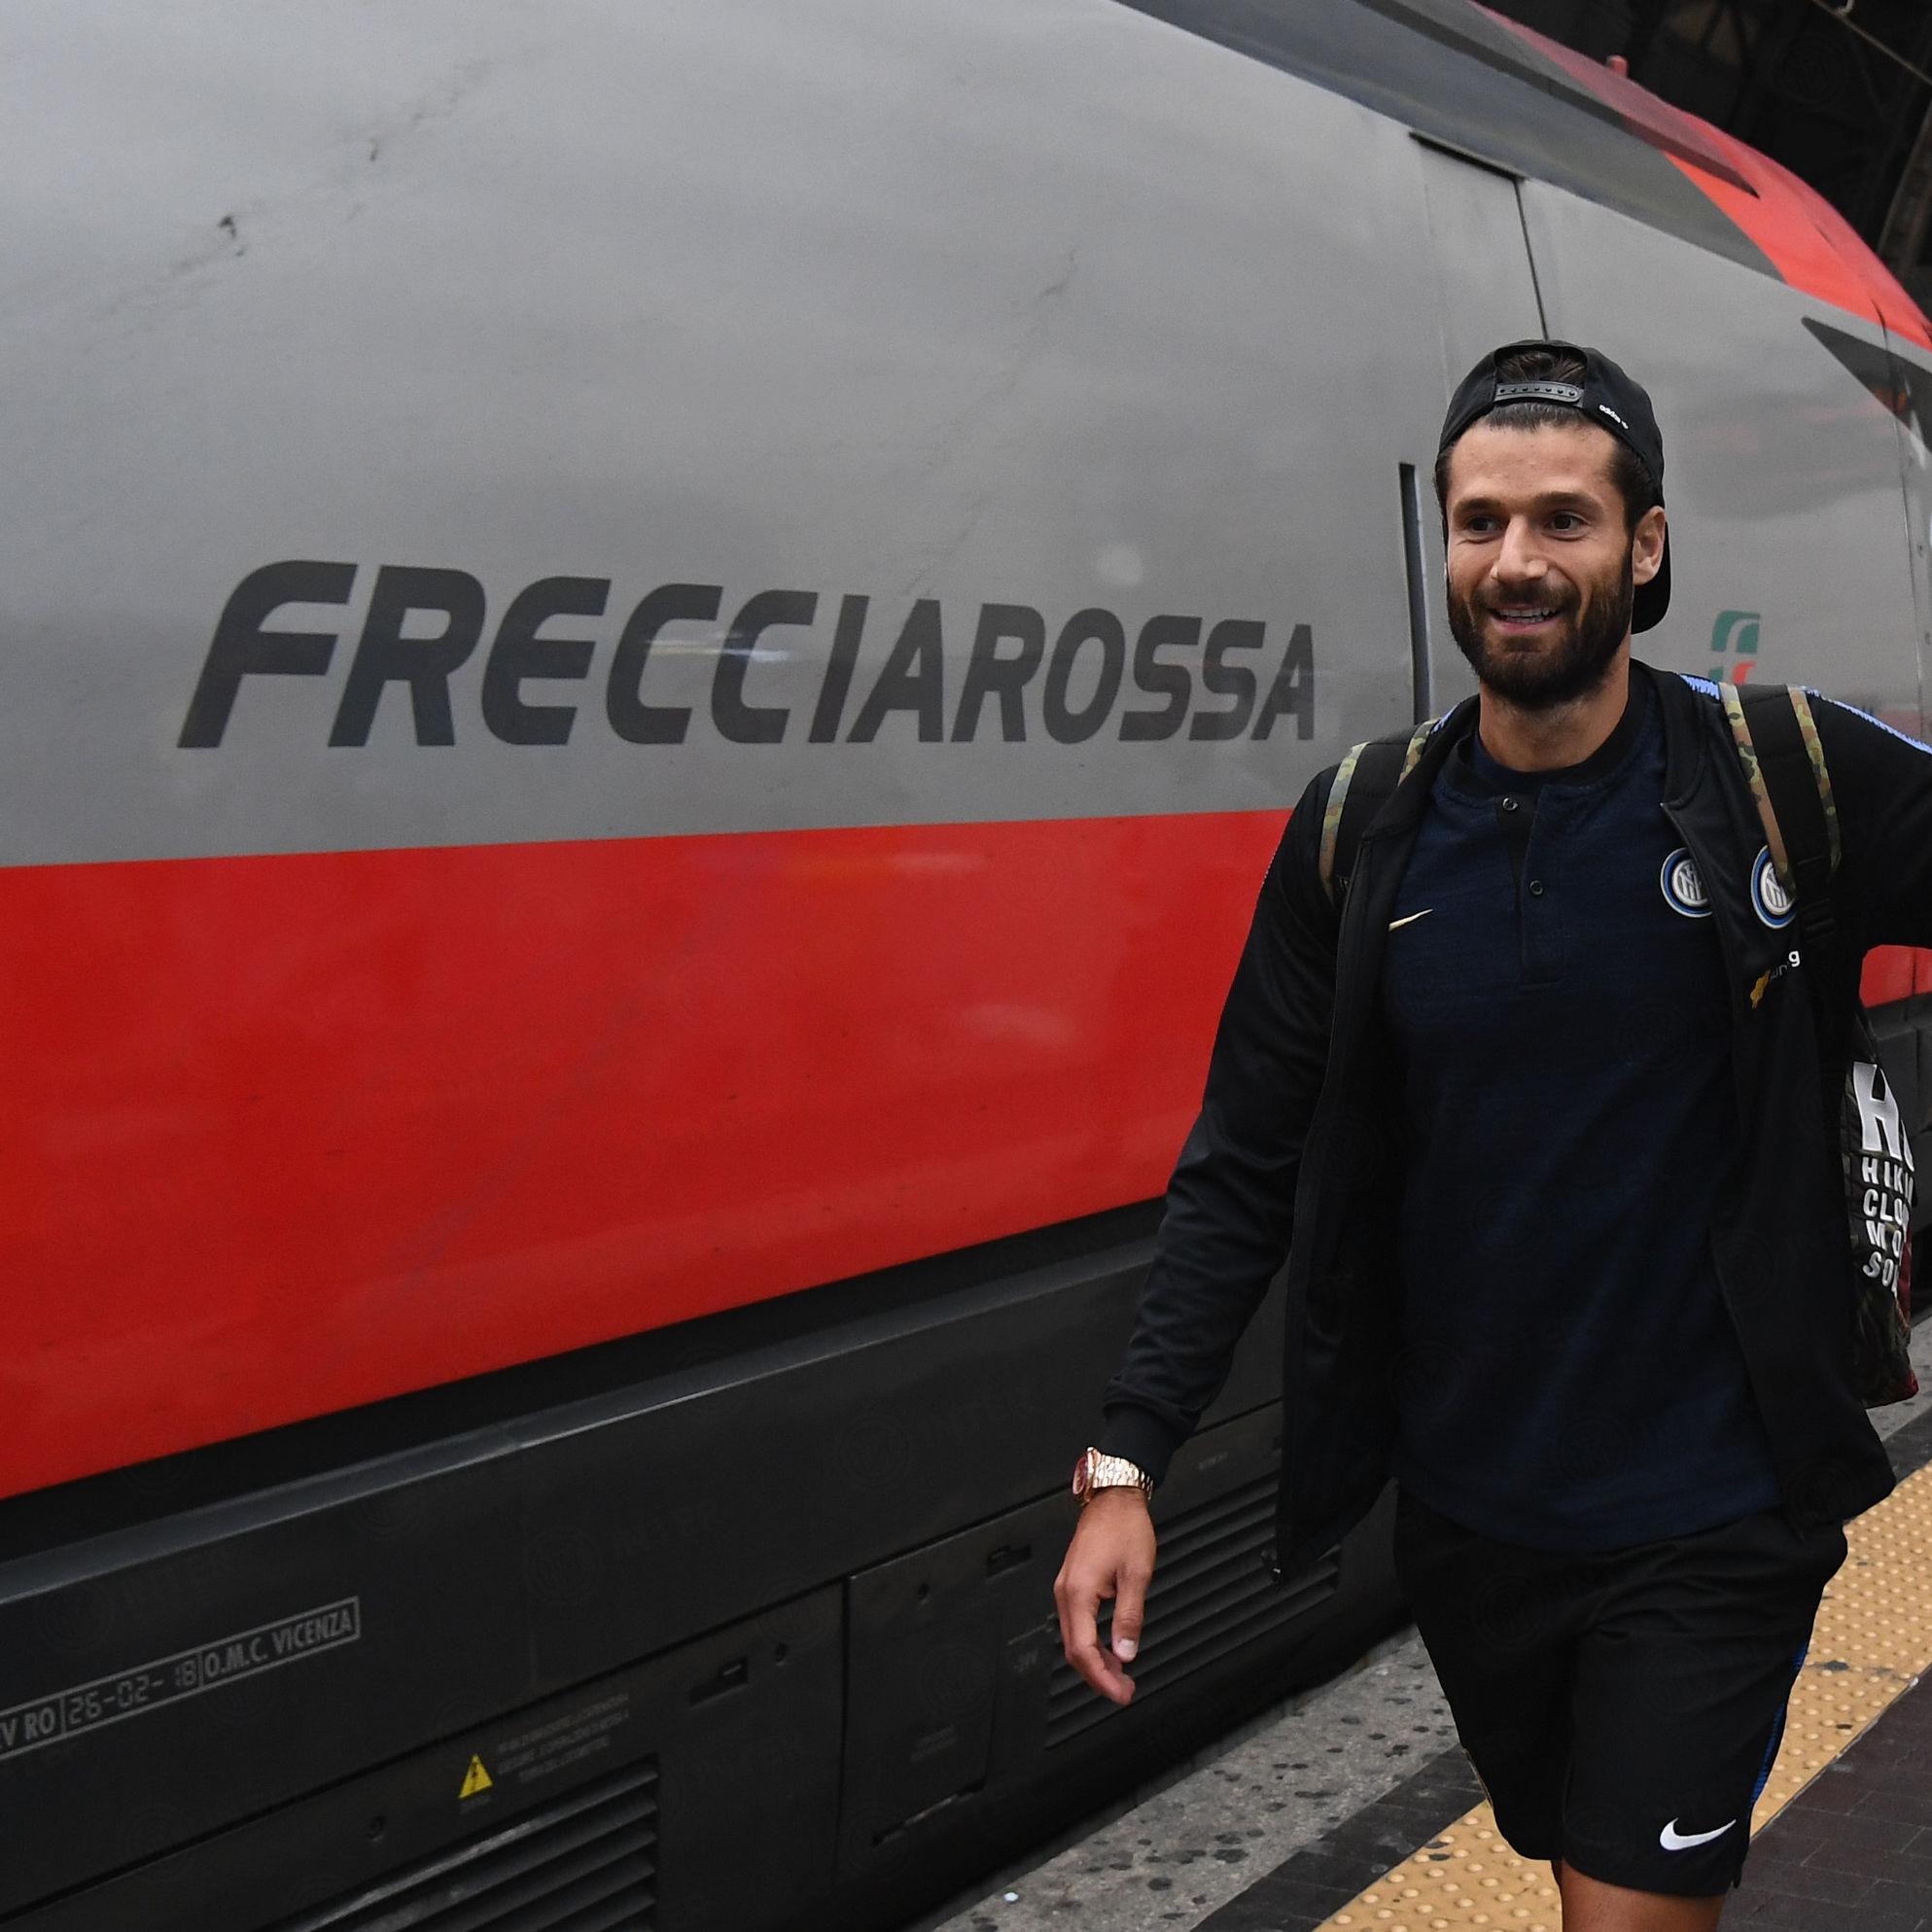 ボローニャ対インテル戦に向け、ネラッズーリがフレッチャロッサに乗って出発